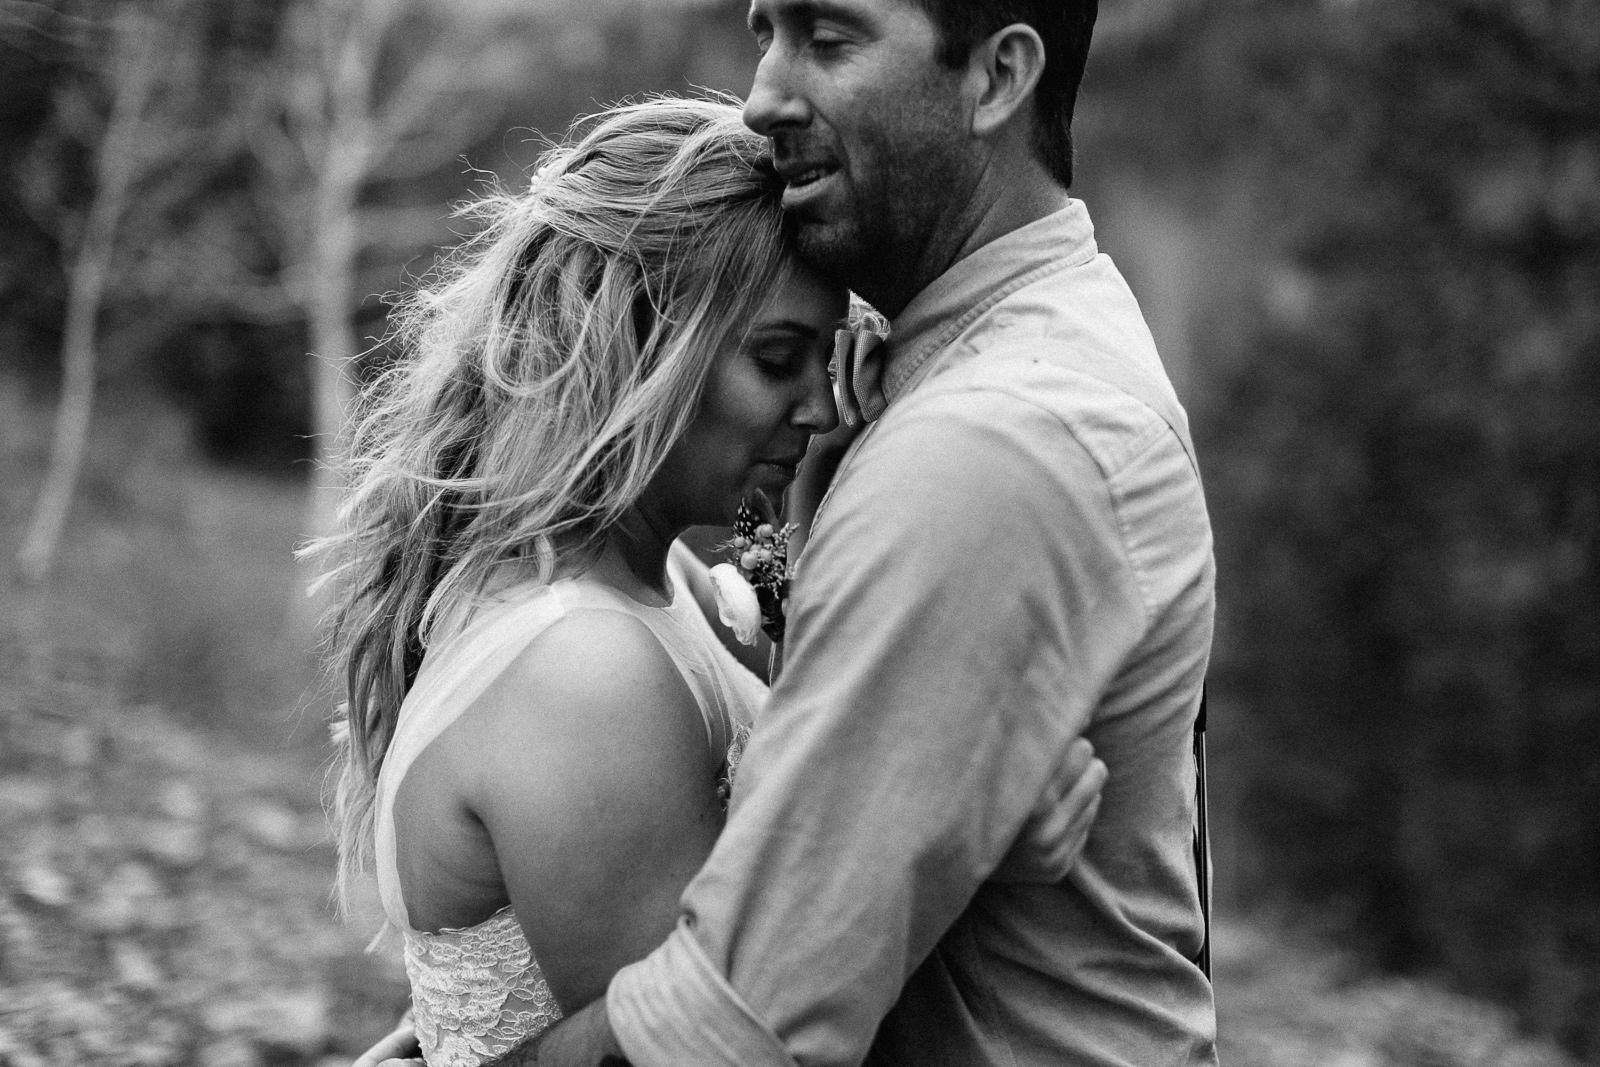 059-vail-elopement-photographer-chris-and-tara.jpg